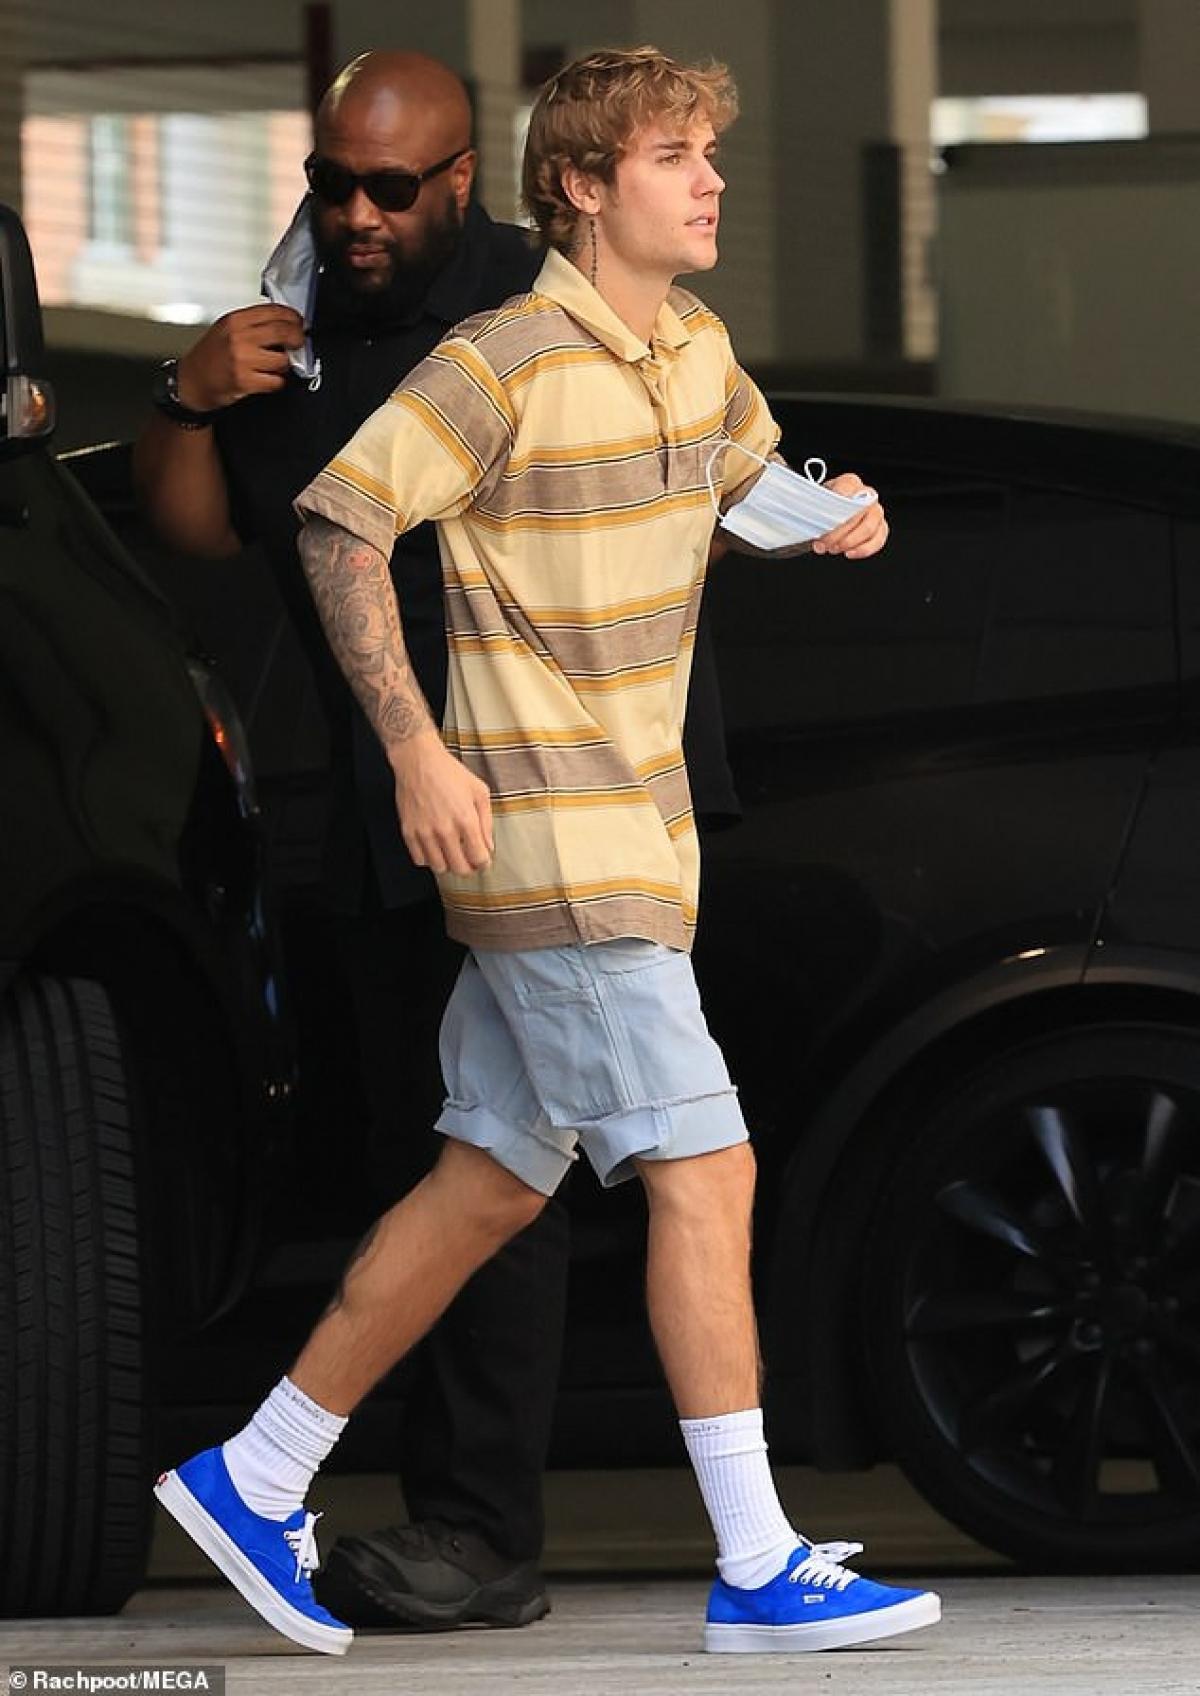 Ngày 18/8 vừa qua, Justin Bieber gây chú ý khi đang trên đường đến nhà hát ở Los Angeles để ghi hình.